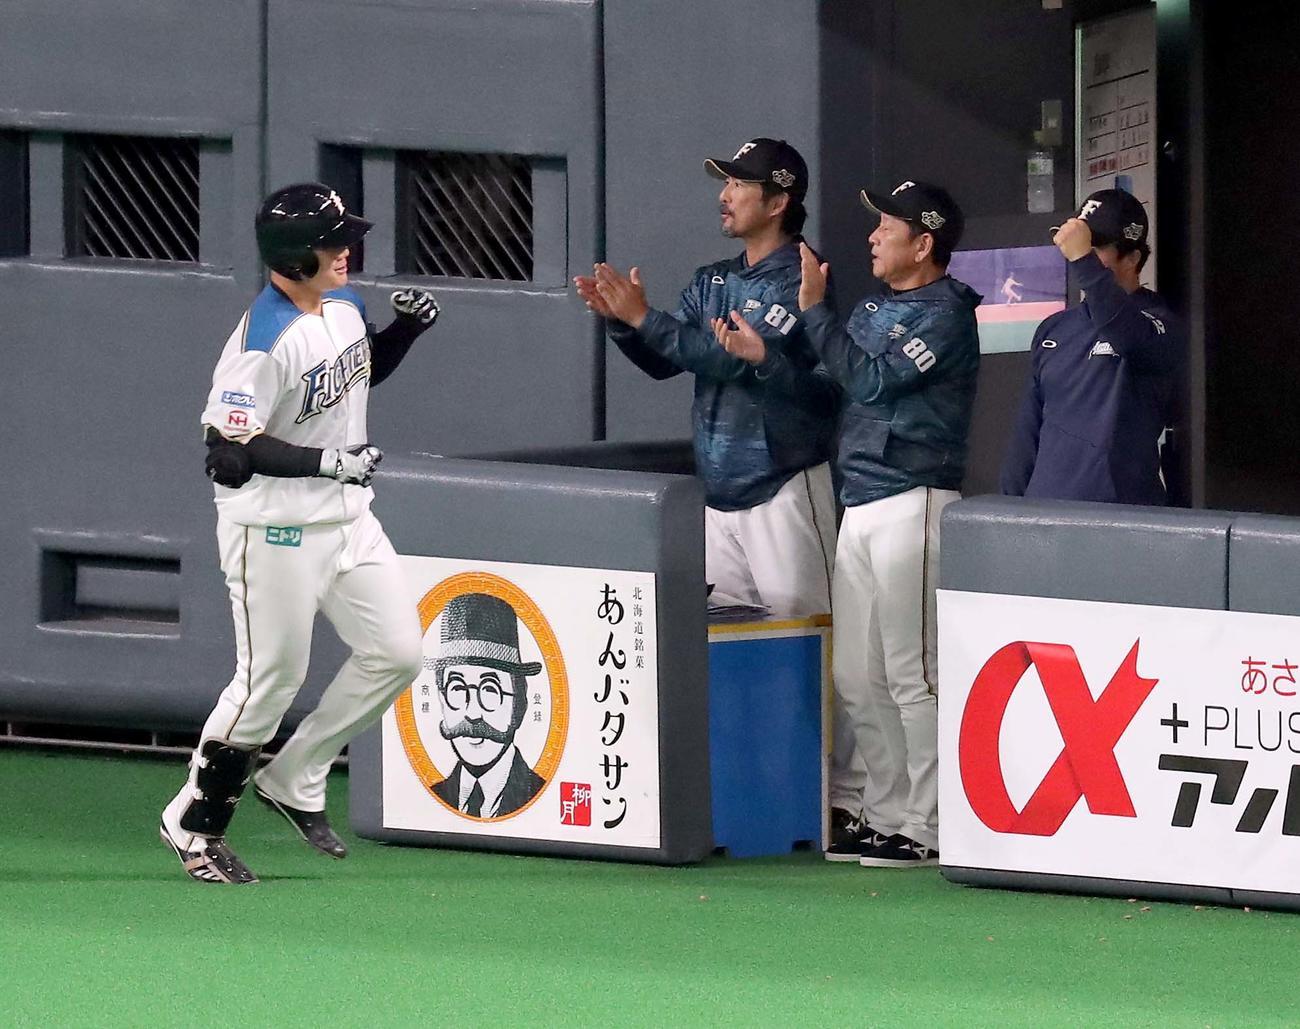 日本ハム対ソフトバンク 7回裏日本ハム1死一塁、清宮は右越え2点本塁打を放ち栗山監督(右から2人目)に出迎えられる(撮影・佐藤翔太)